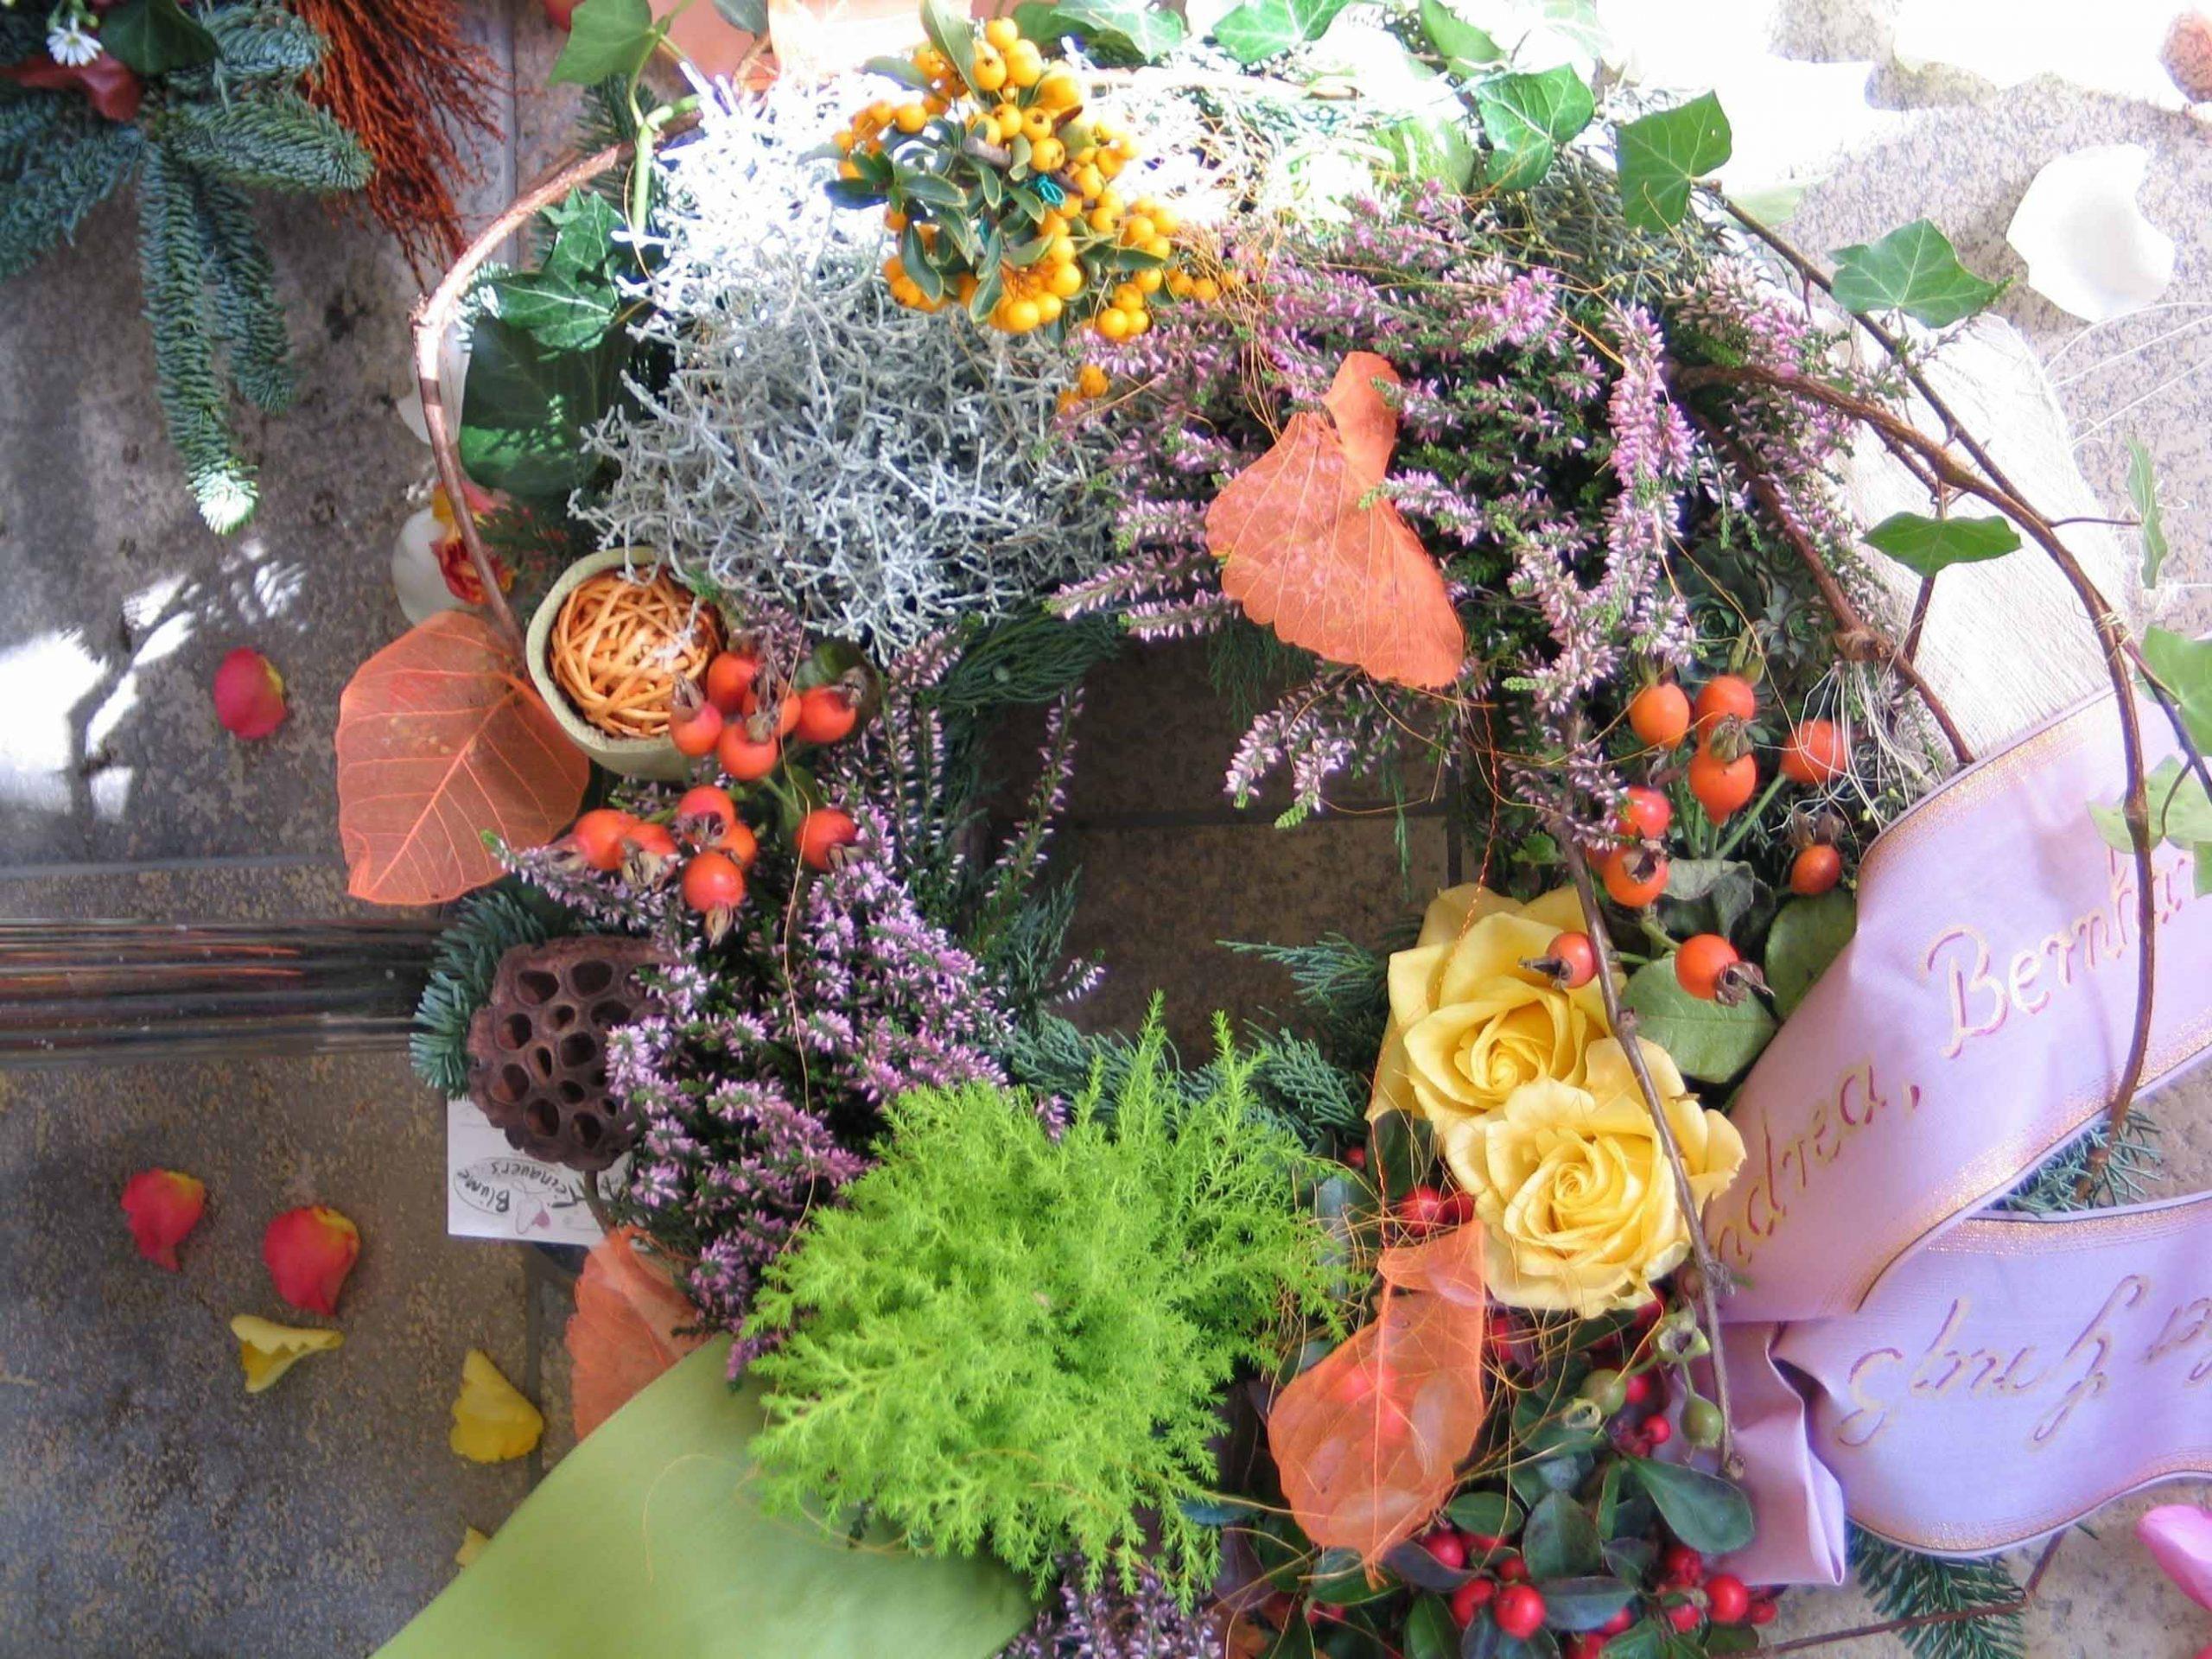 35 Herbstlich gepflanzter Trauerkranz